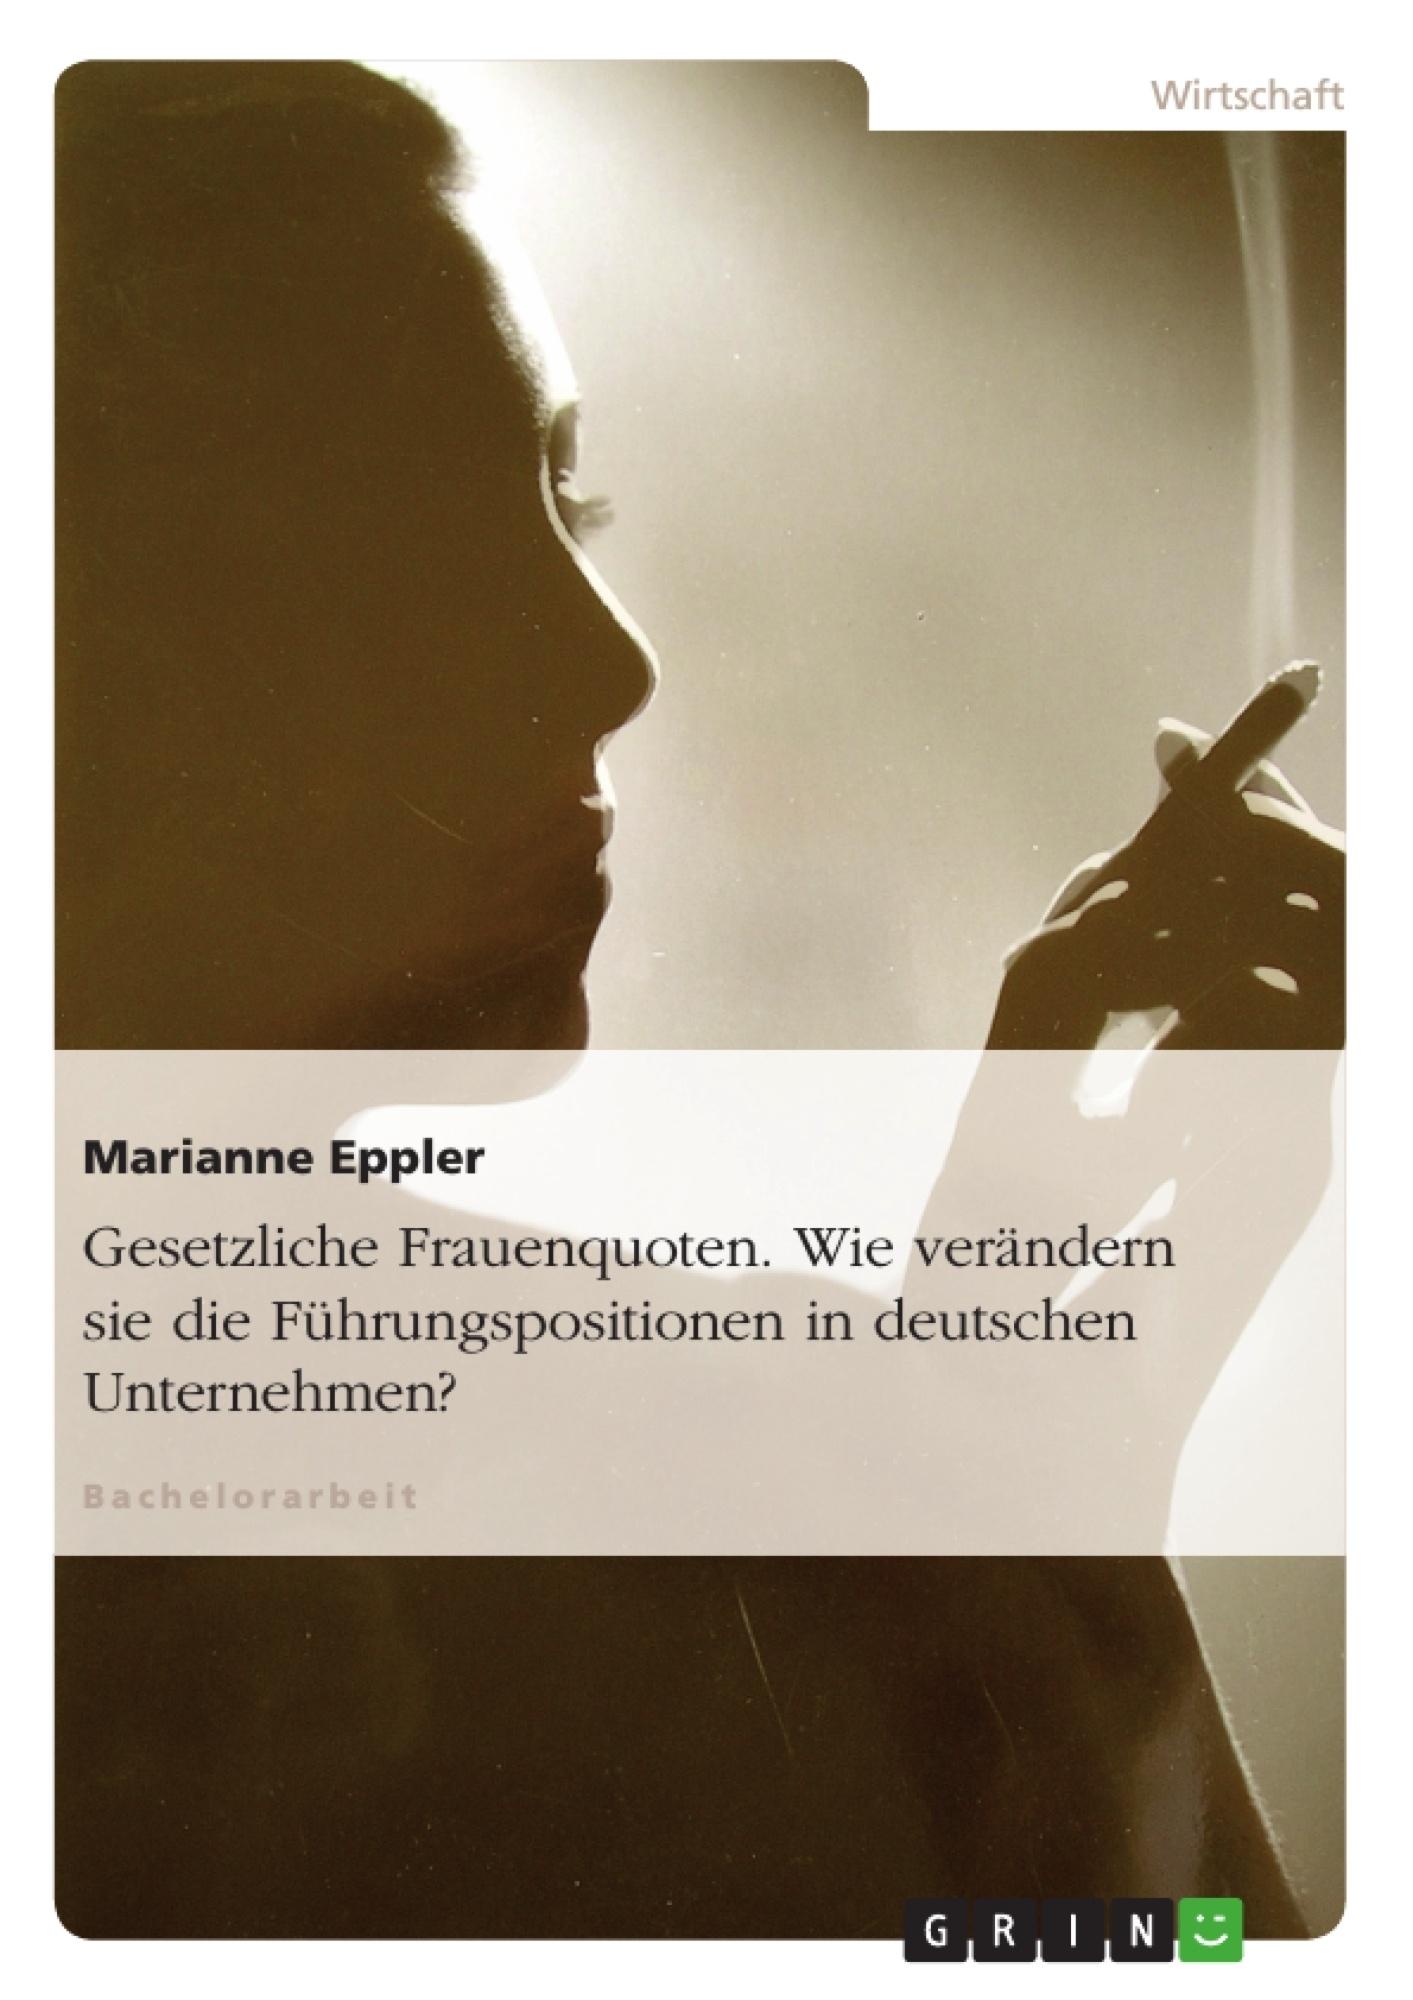 Titel: Gesetzliche Frauenquoten. Wie verändern sie die Führungspositionen in deutschen Unternehmen?